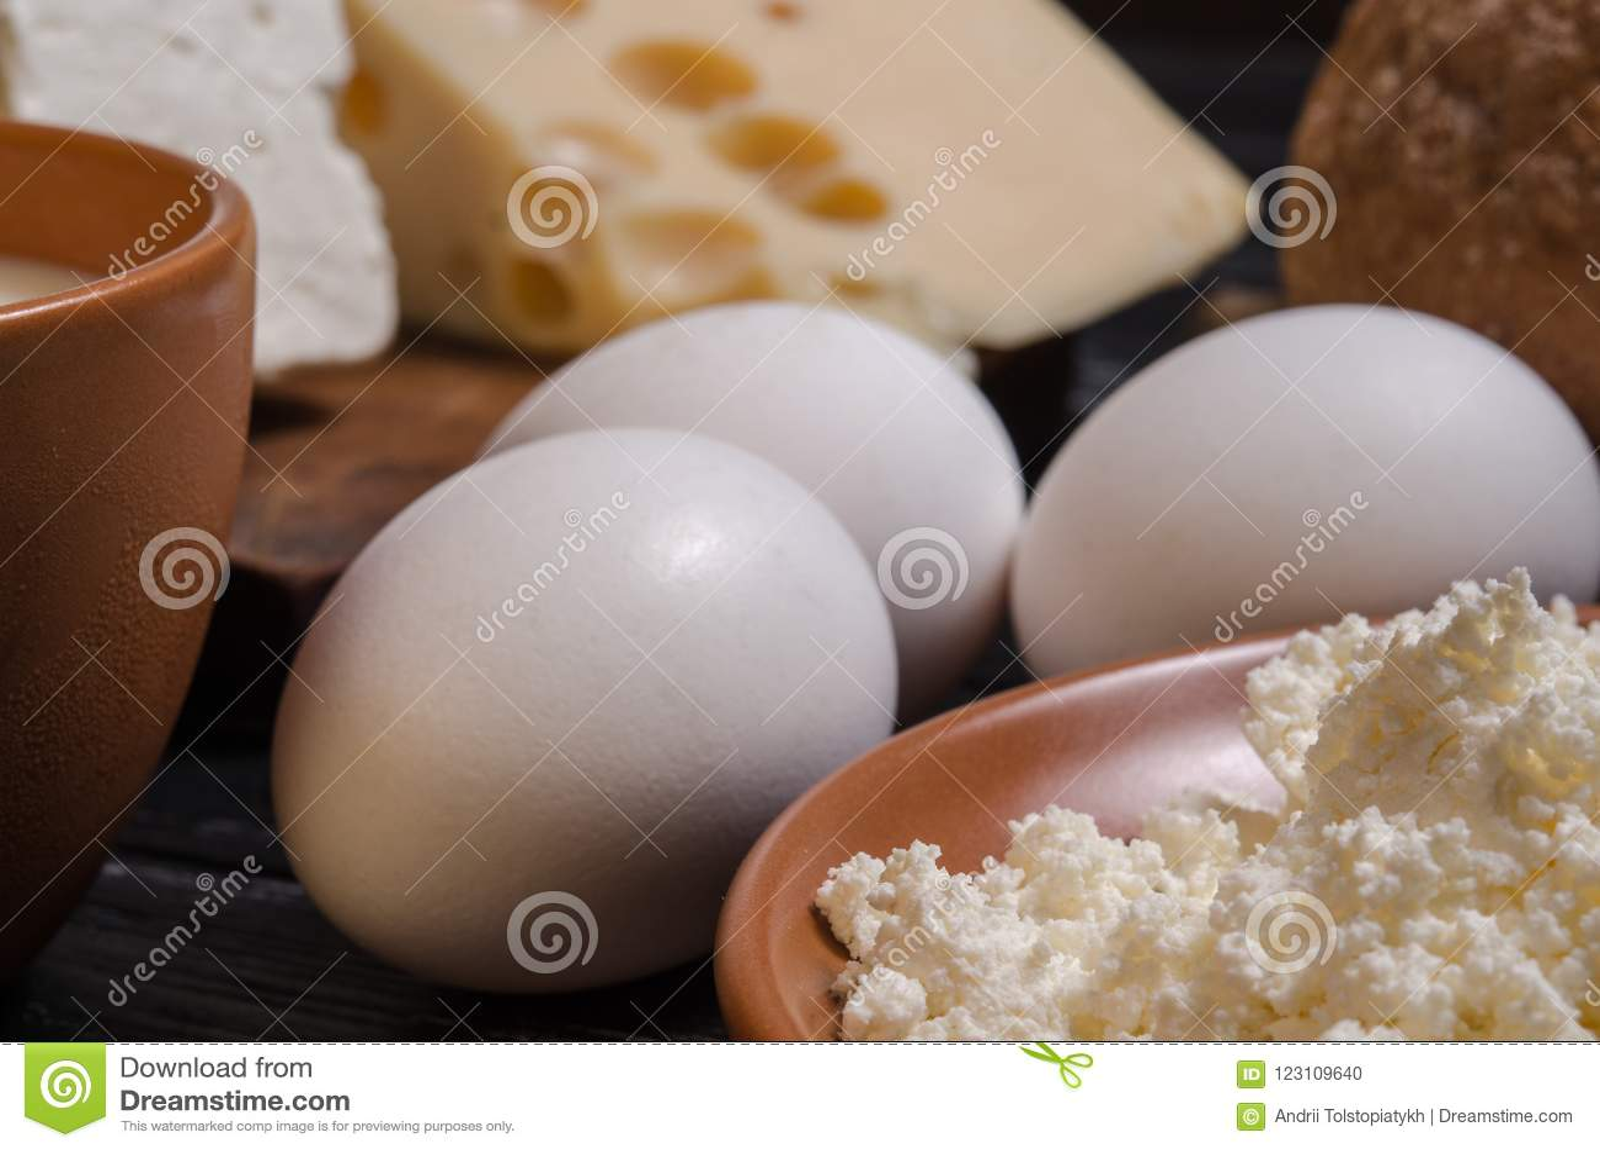 Αγροτικό ψωμί προγευμάτων, τυρί, φέτα, τυρί εξοχικών σπιτιών, γάλα και ε